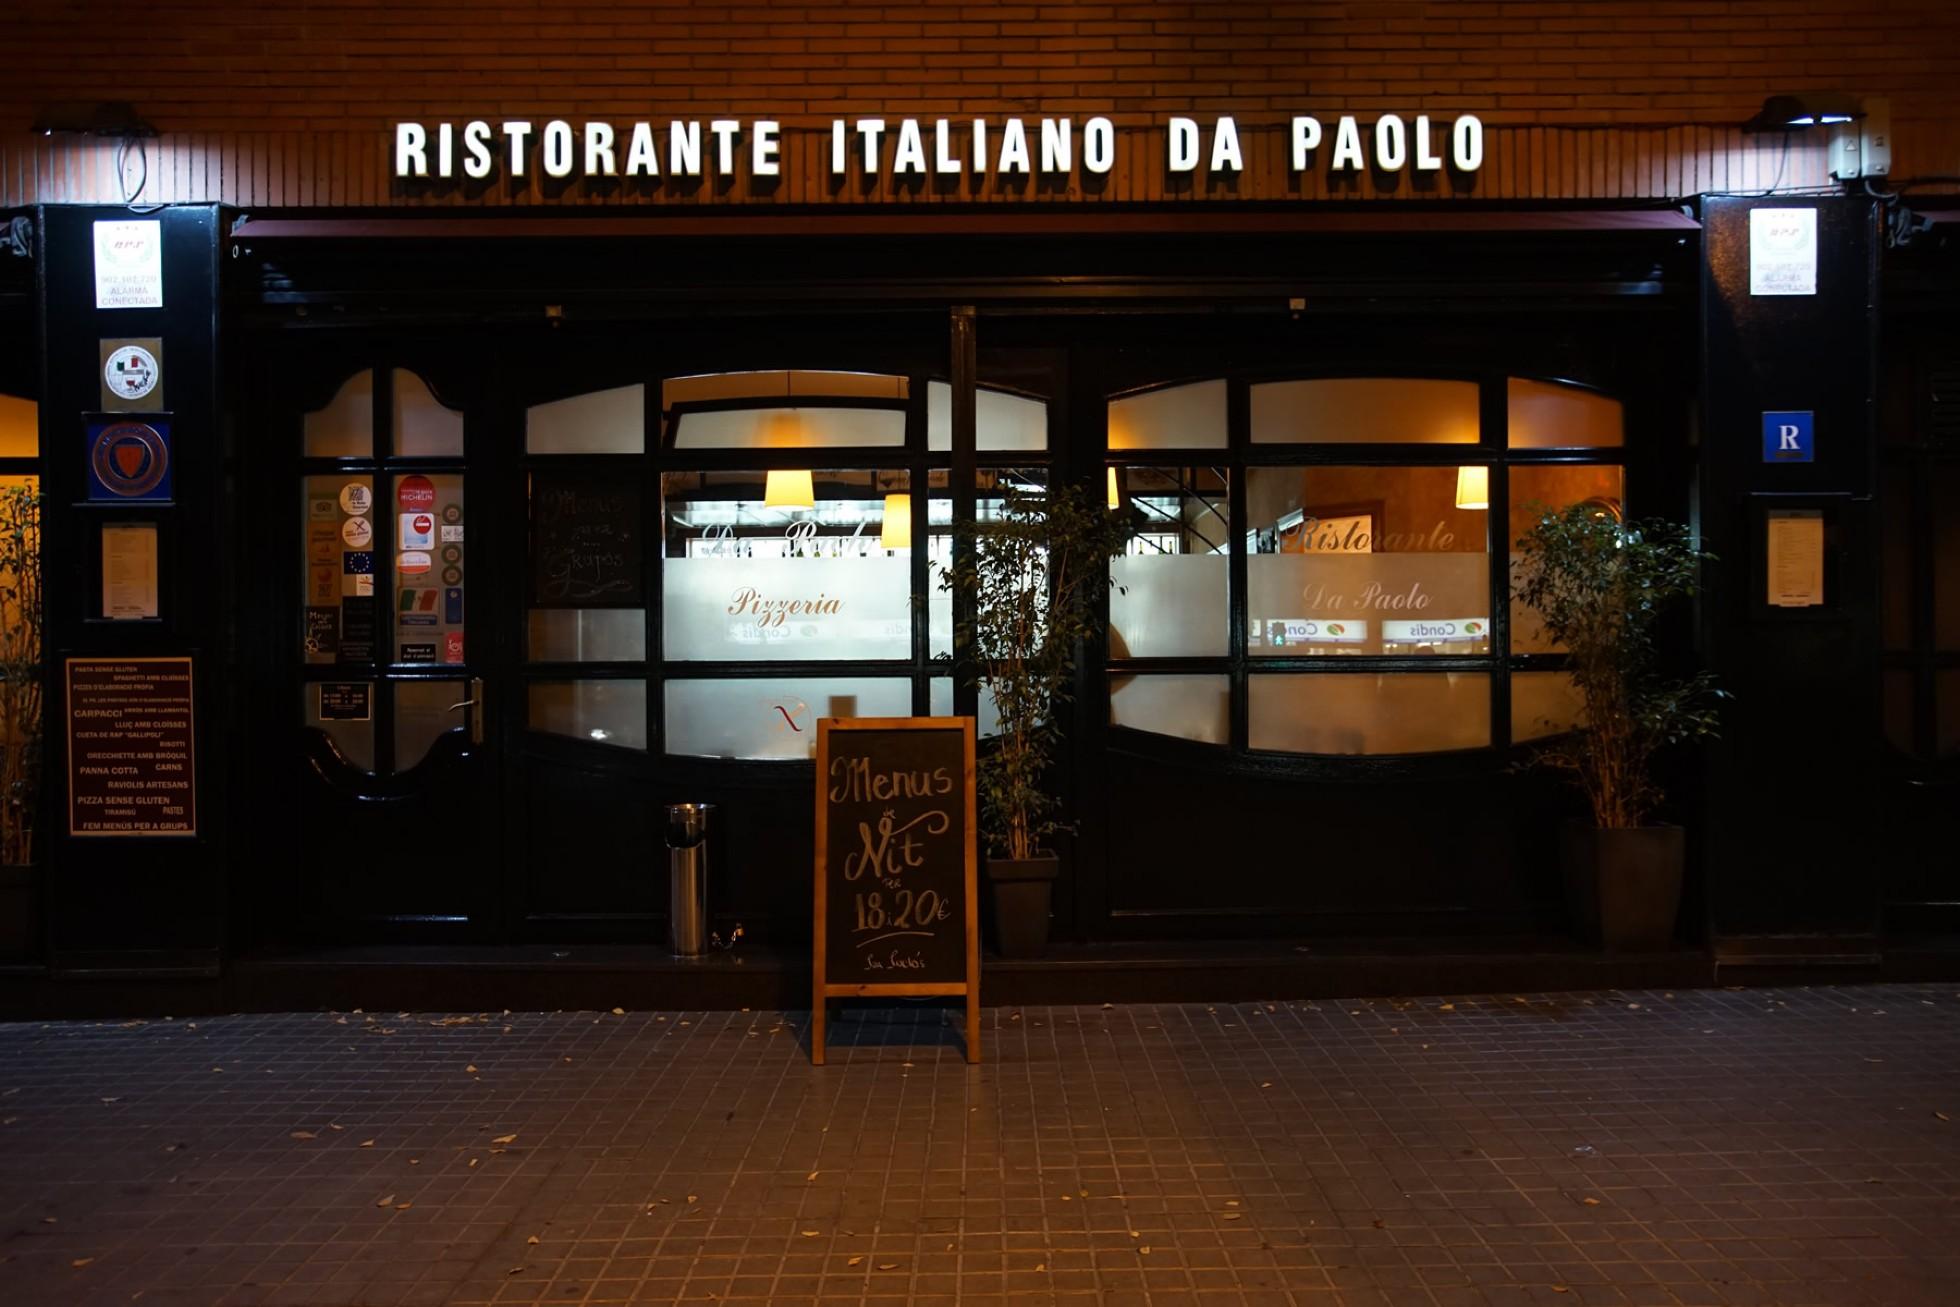 dapaolo_noche_1800